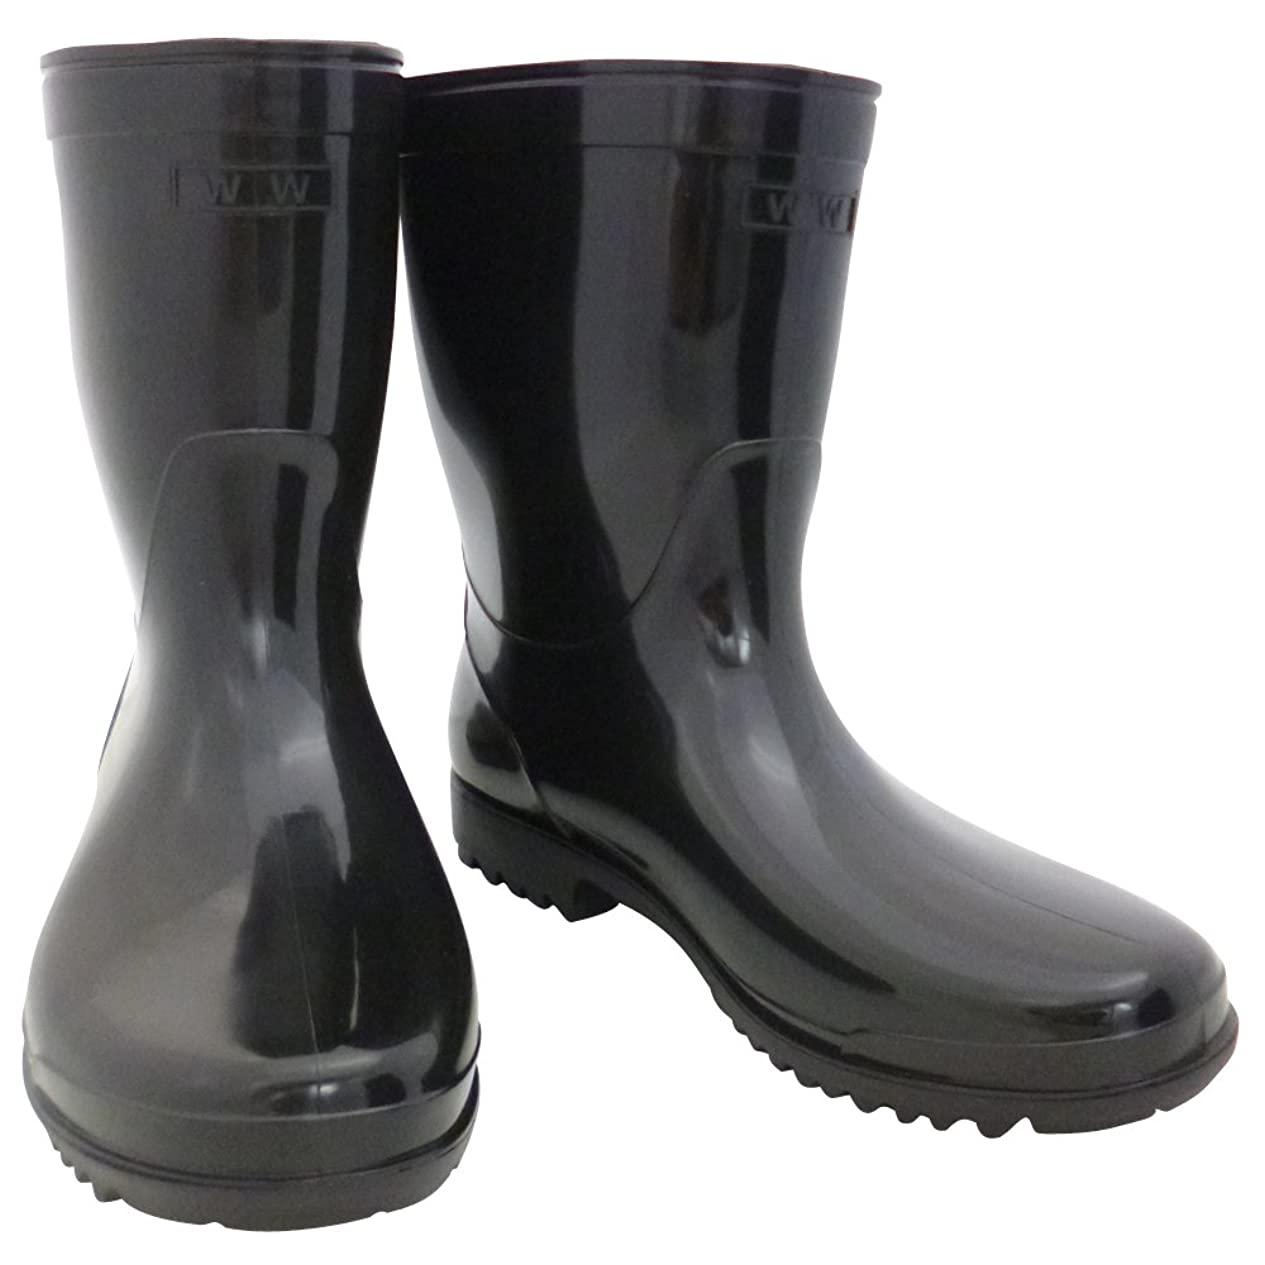 ディスコオーナー環境おたふく手袋 作業半長靴 28.0cm WW-724